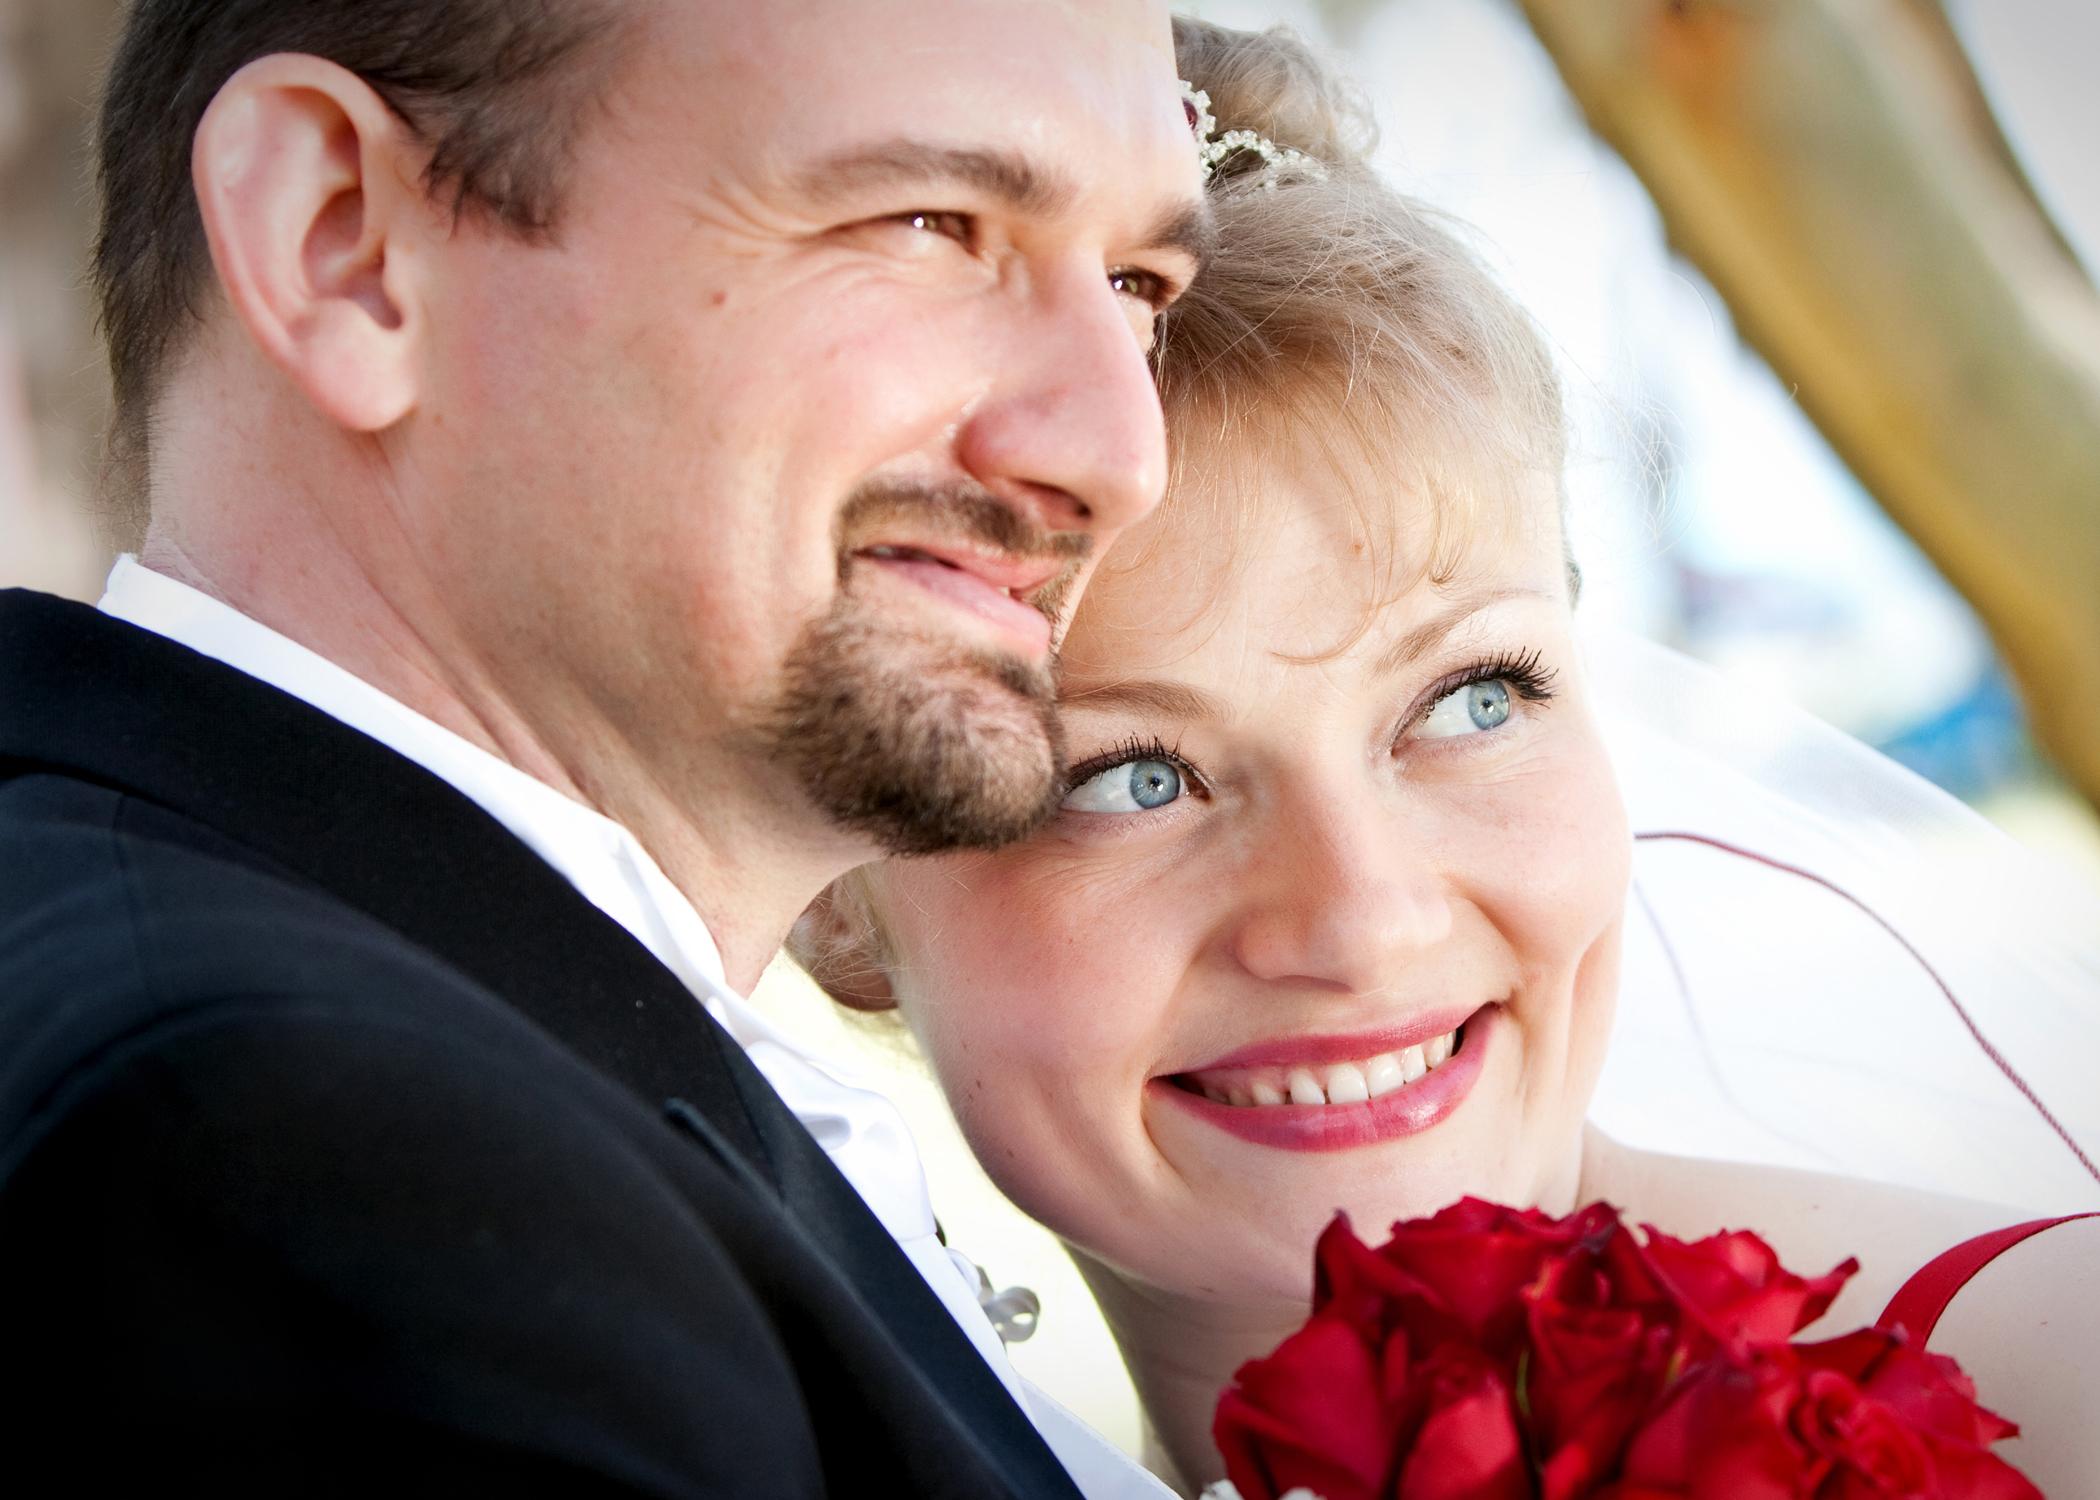 wedding-photography-Sydney-Australia-Sydney-Opera-House_15.jpg